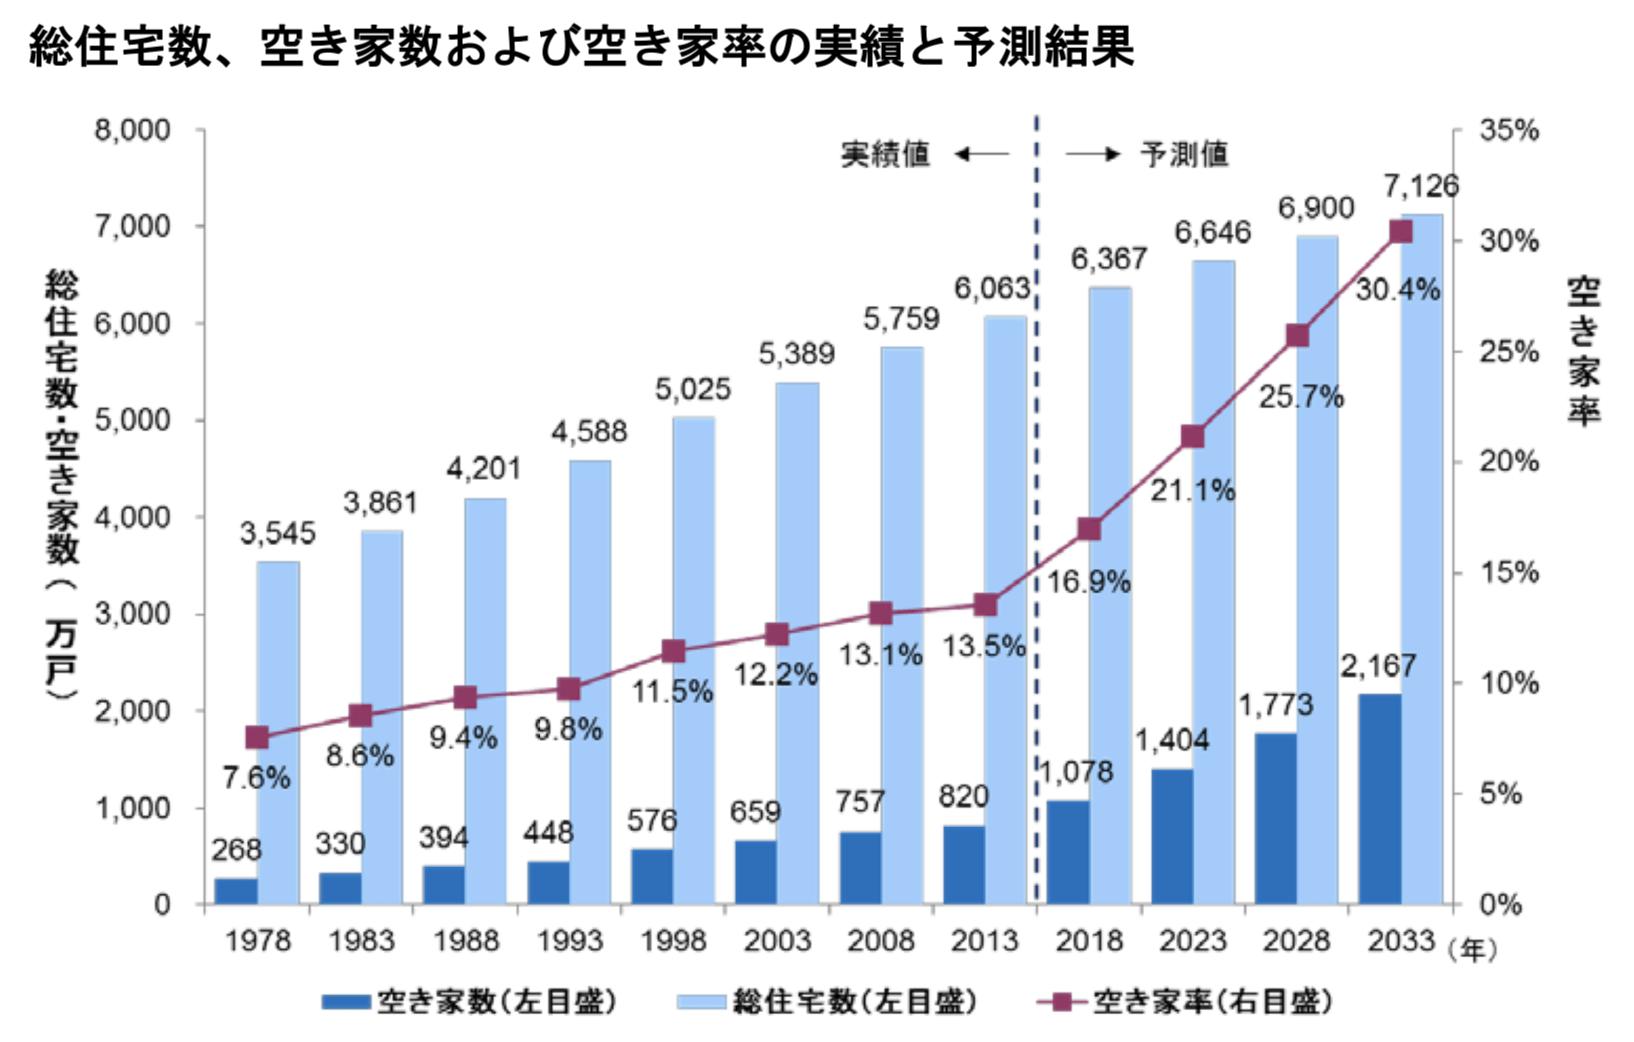 空き家数の過去の推移と予測